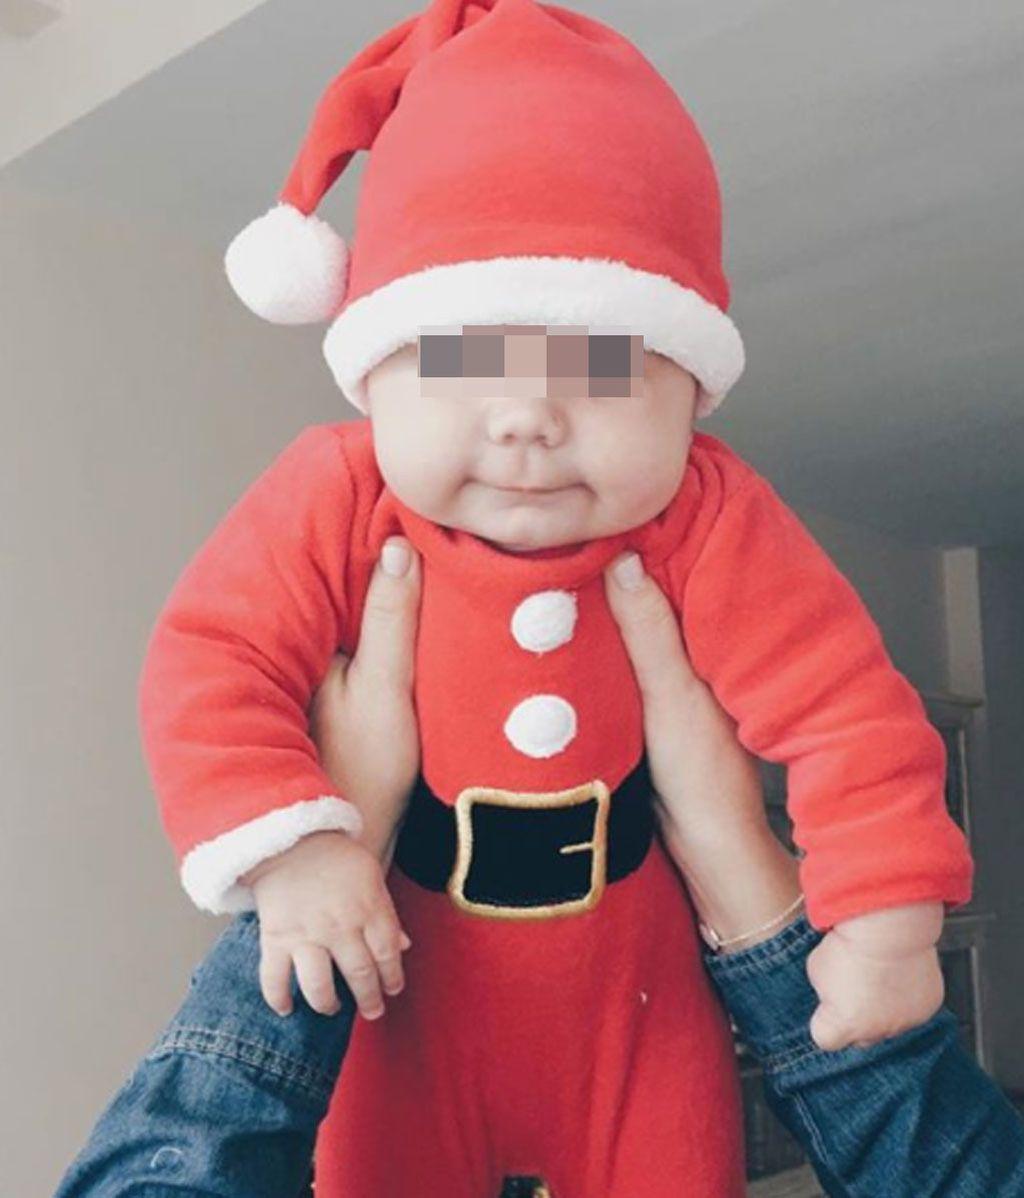 María José Suárez felicitó la Navidad con el pequeño Elías vestido de Santa Claus